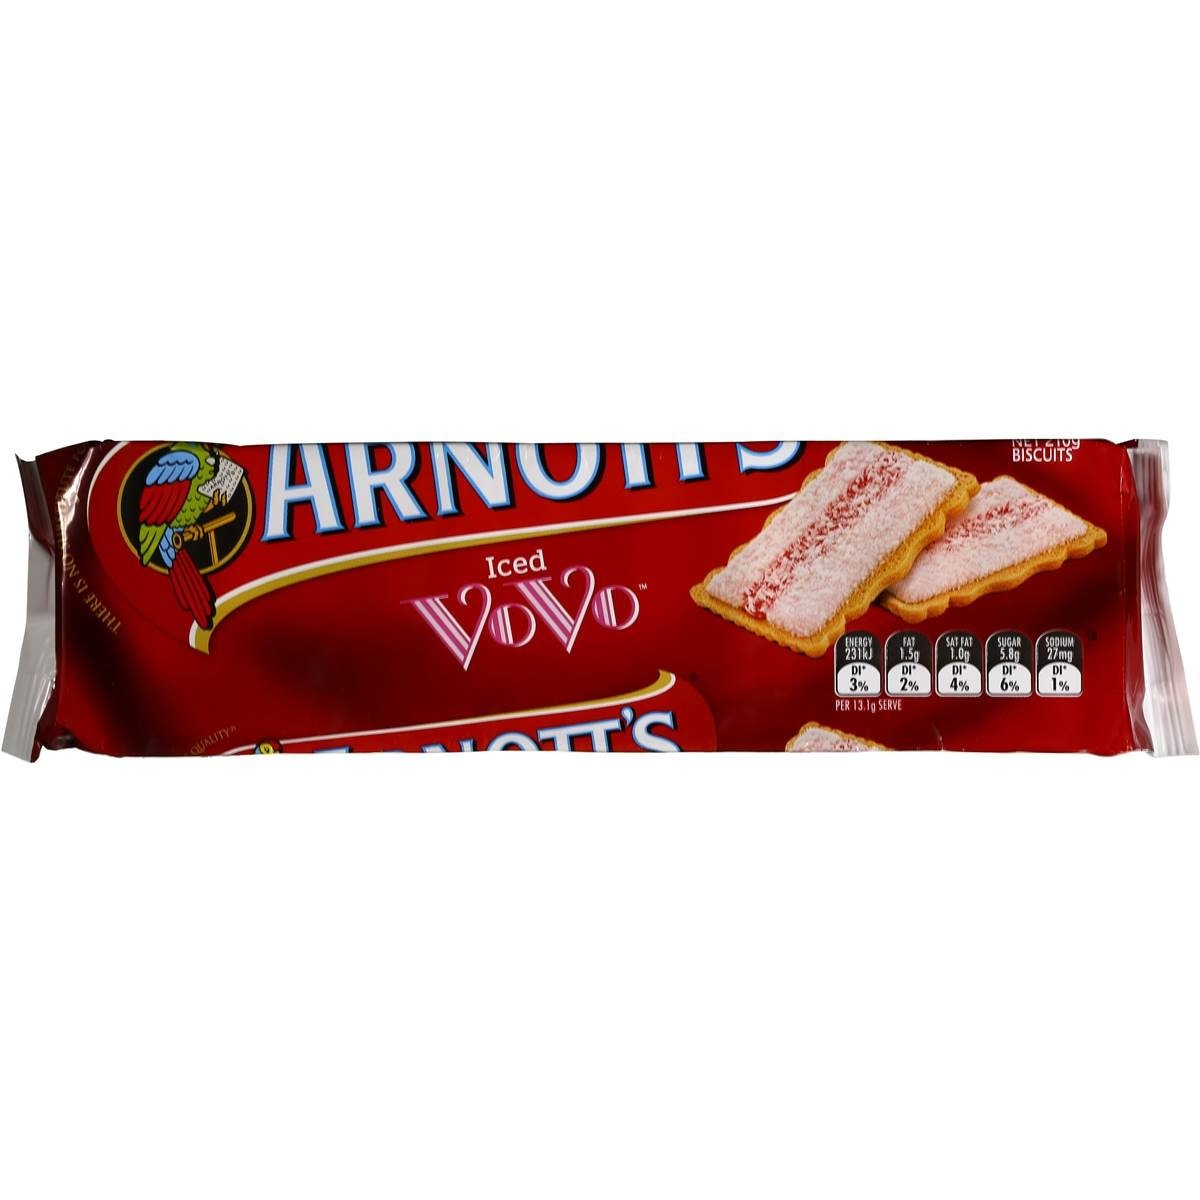 Australian - Arnott's Iced Vo-Vo Biscuits 210g.